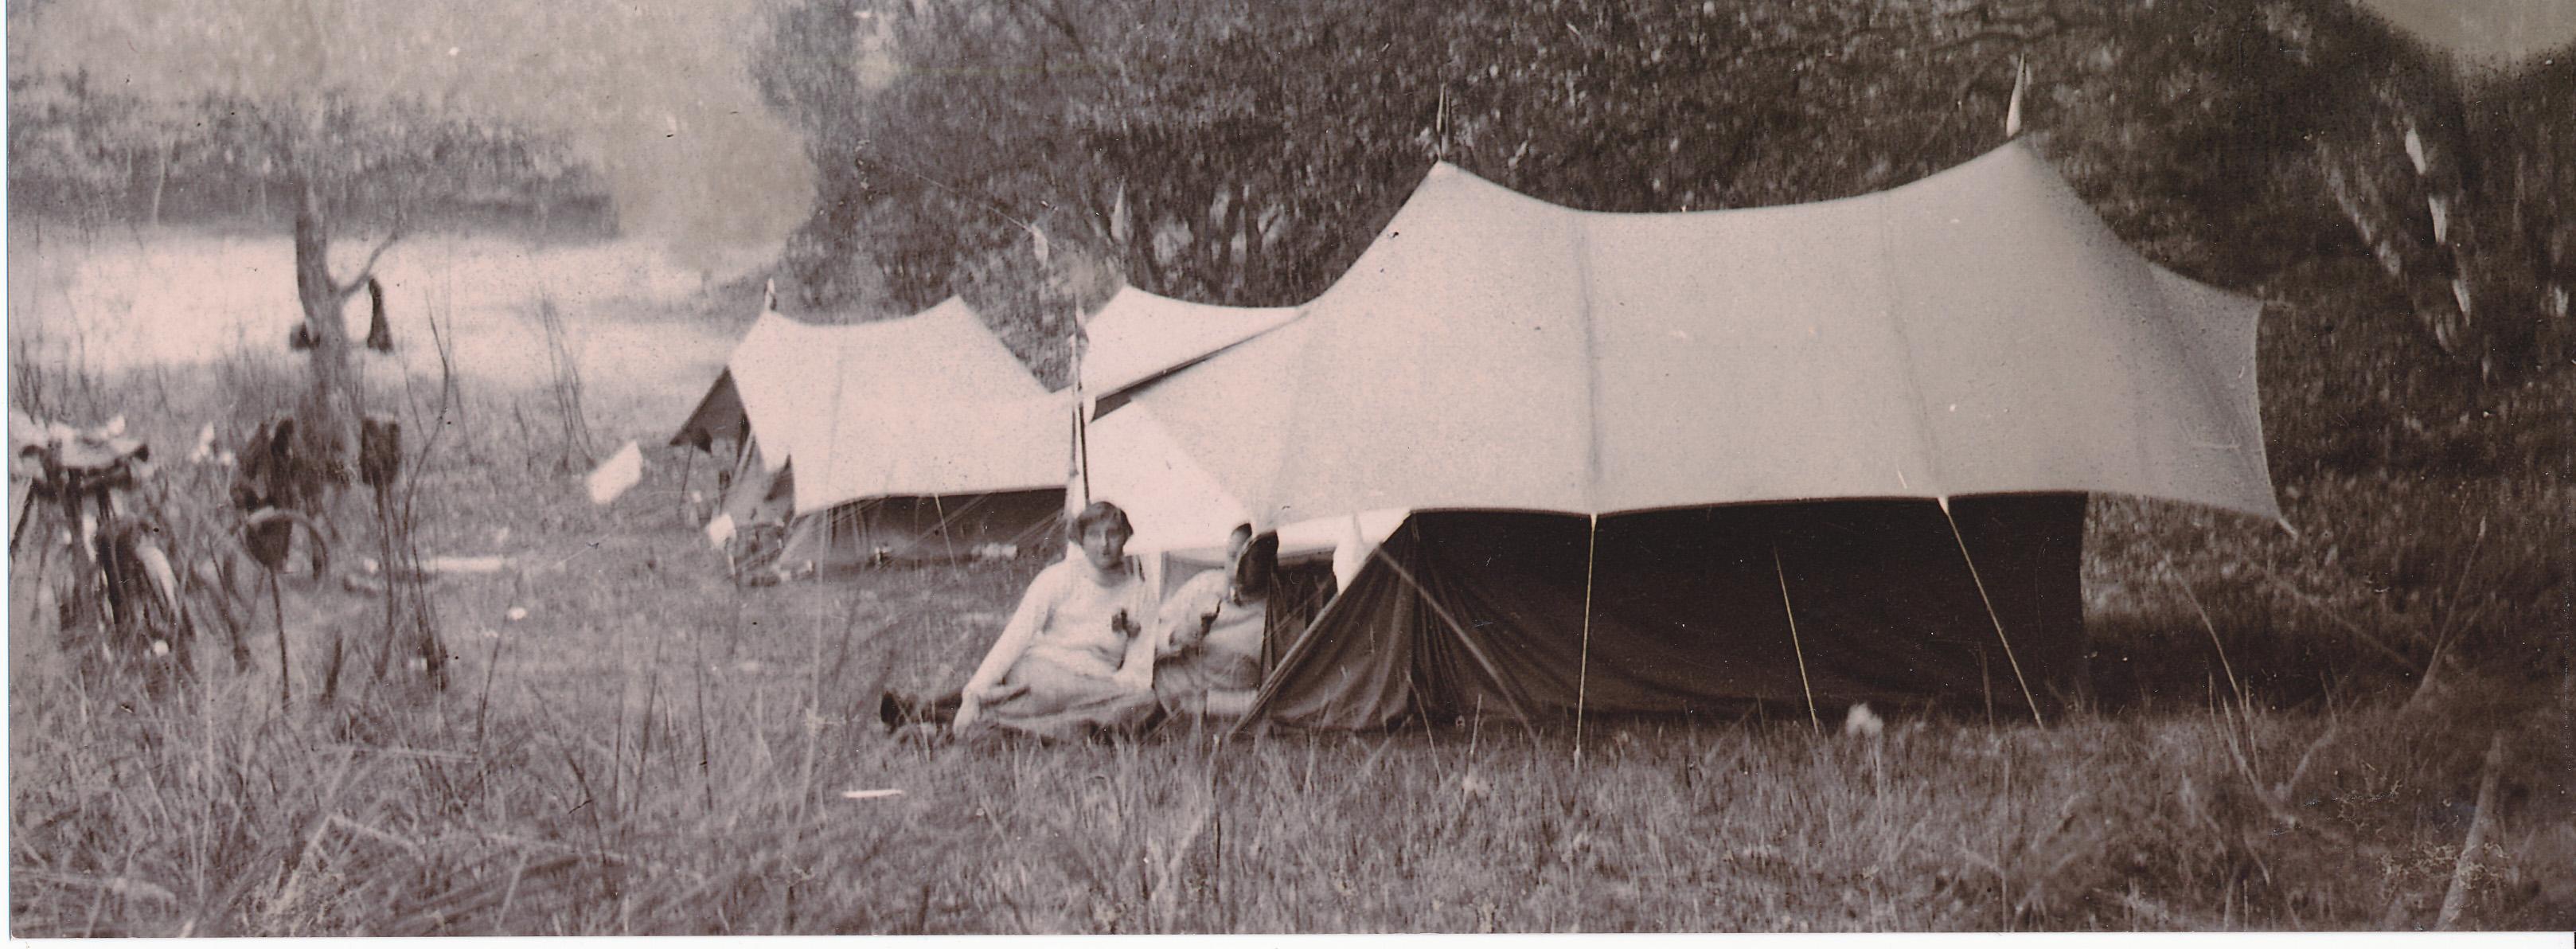 Una pareja de campistas holandeses de principios del siglo XX. © Archivo del NTKC